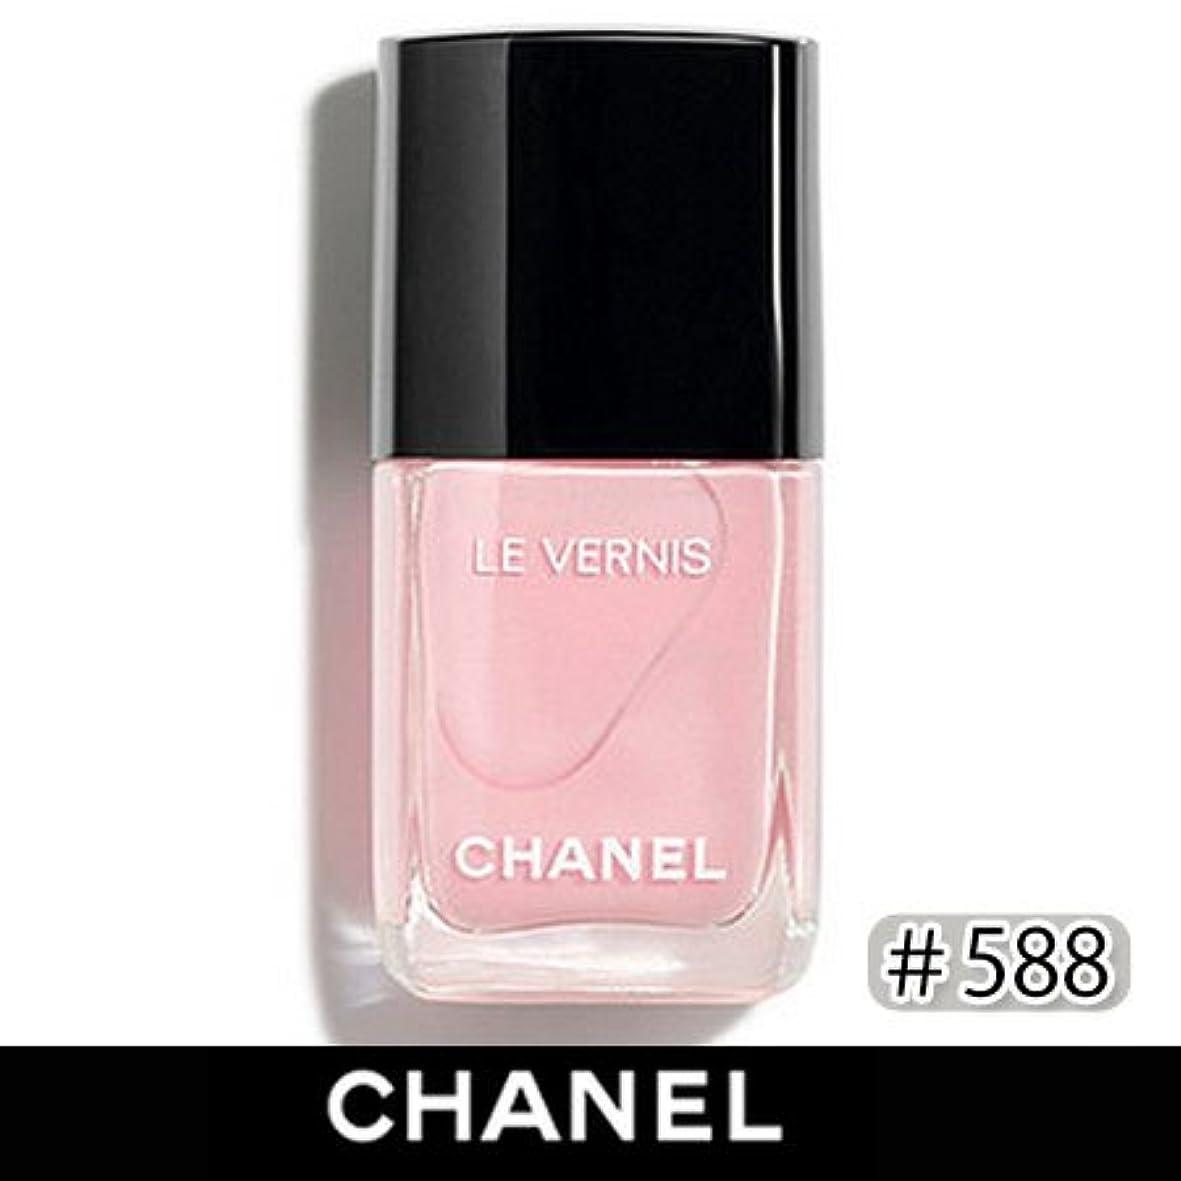 熱本質的ではない後者シャネル ヴェルニ ロング トゥニュ #588 (ヌーヴォラ ロザ)-CHANEL-